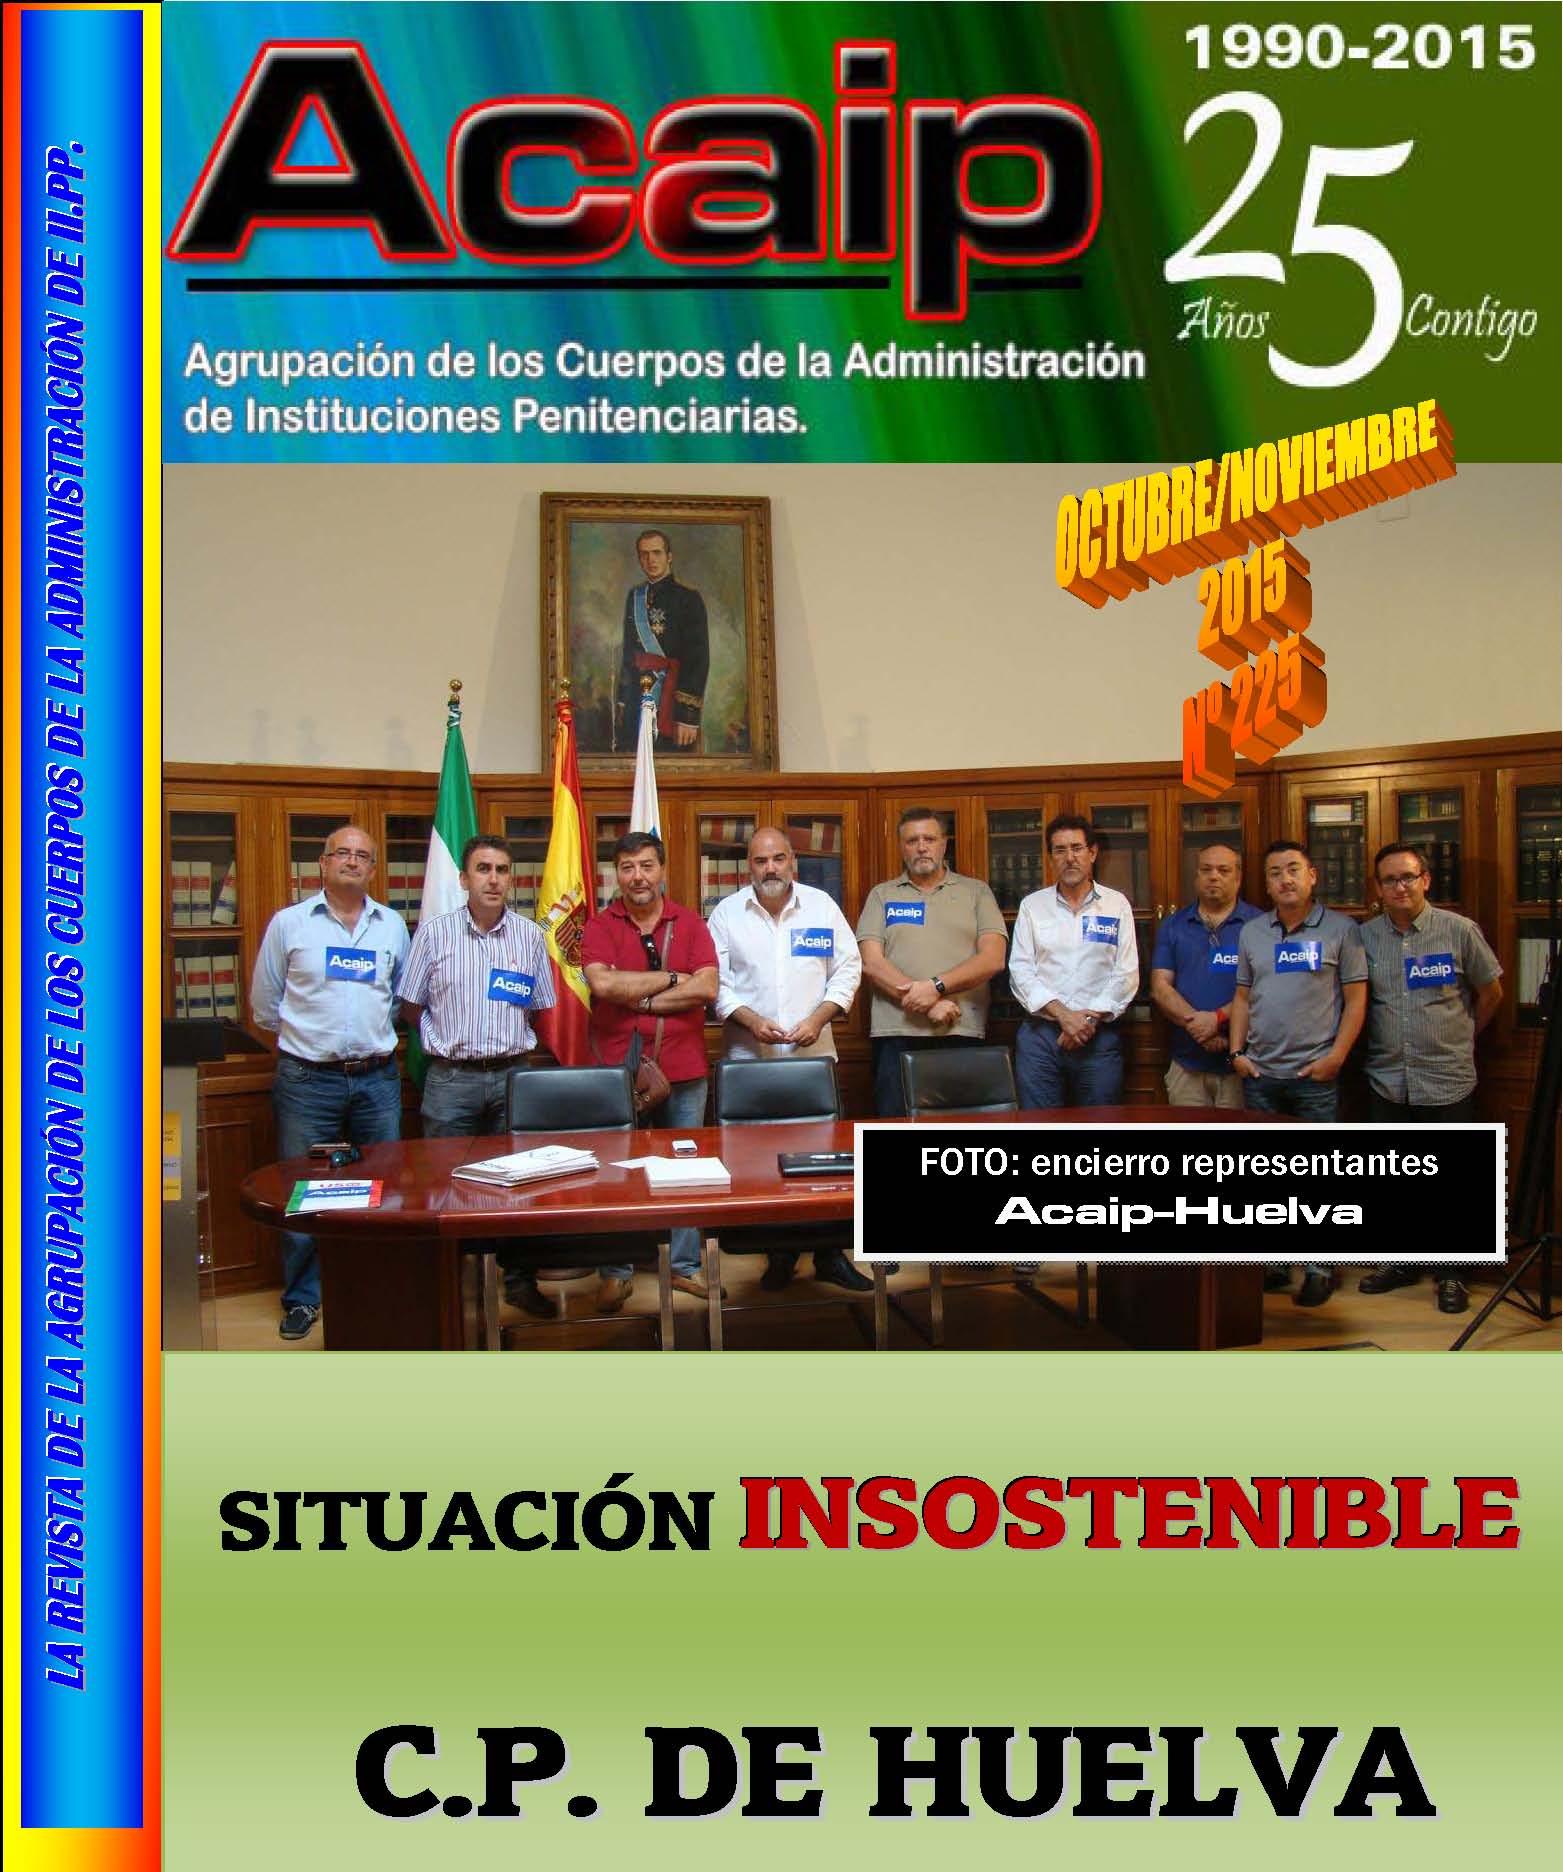 SITUACION INSOSTENIBLE EN EL C.P DE HUELVA